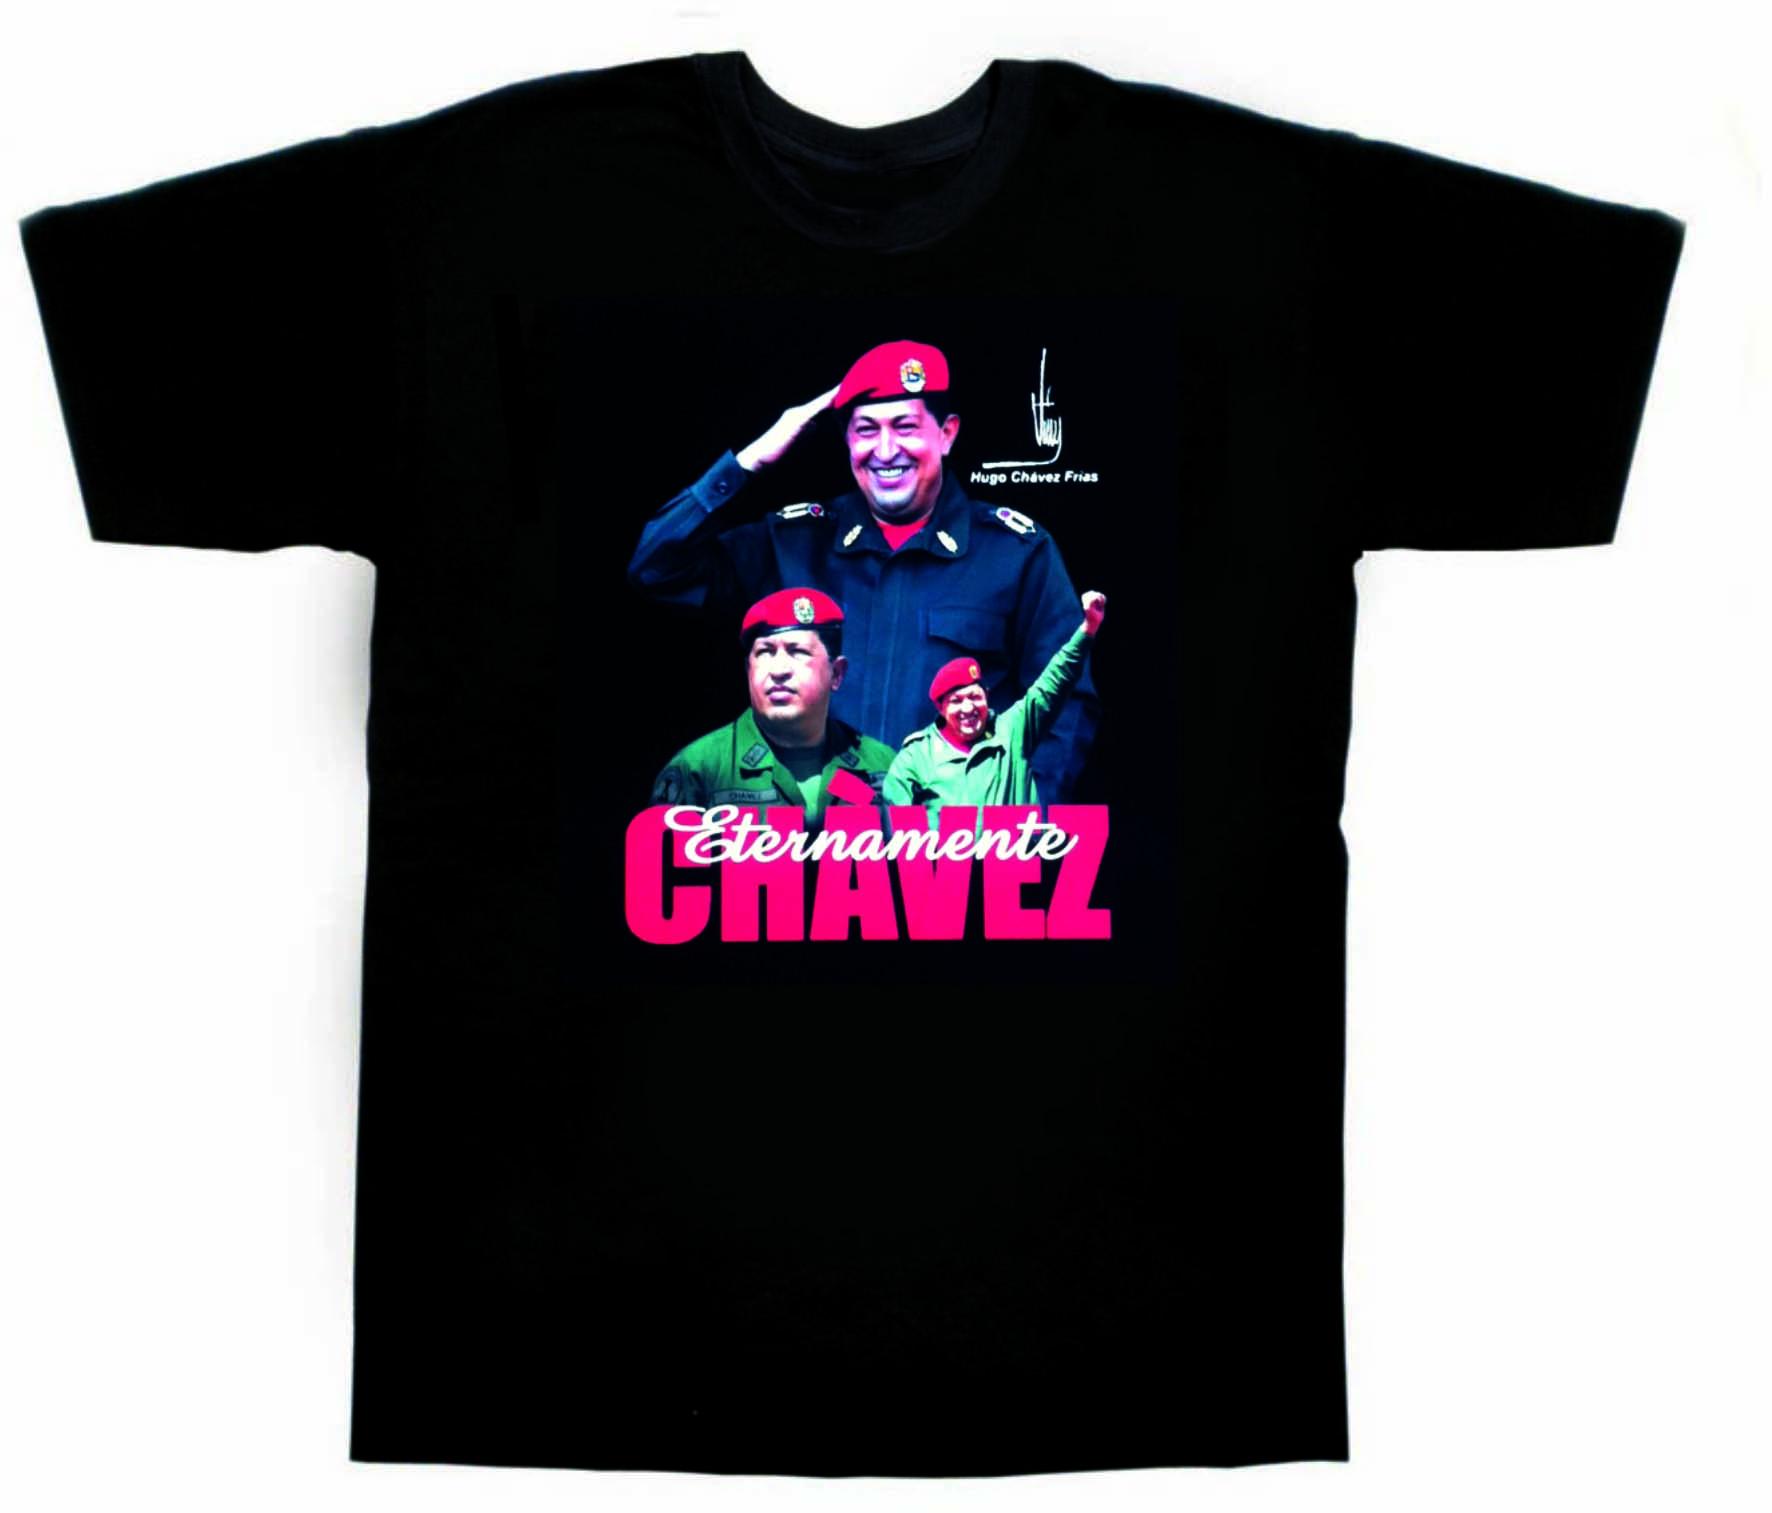 ETERNAMENTE CHAVEZ : Ecco la t-shirt